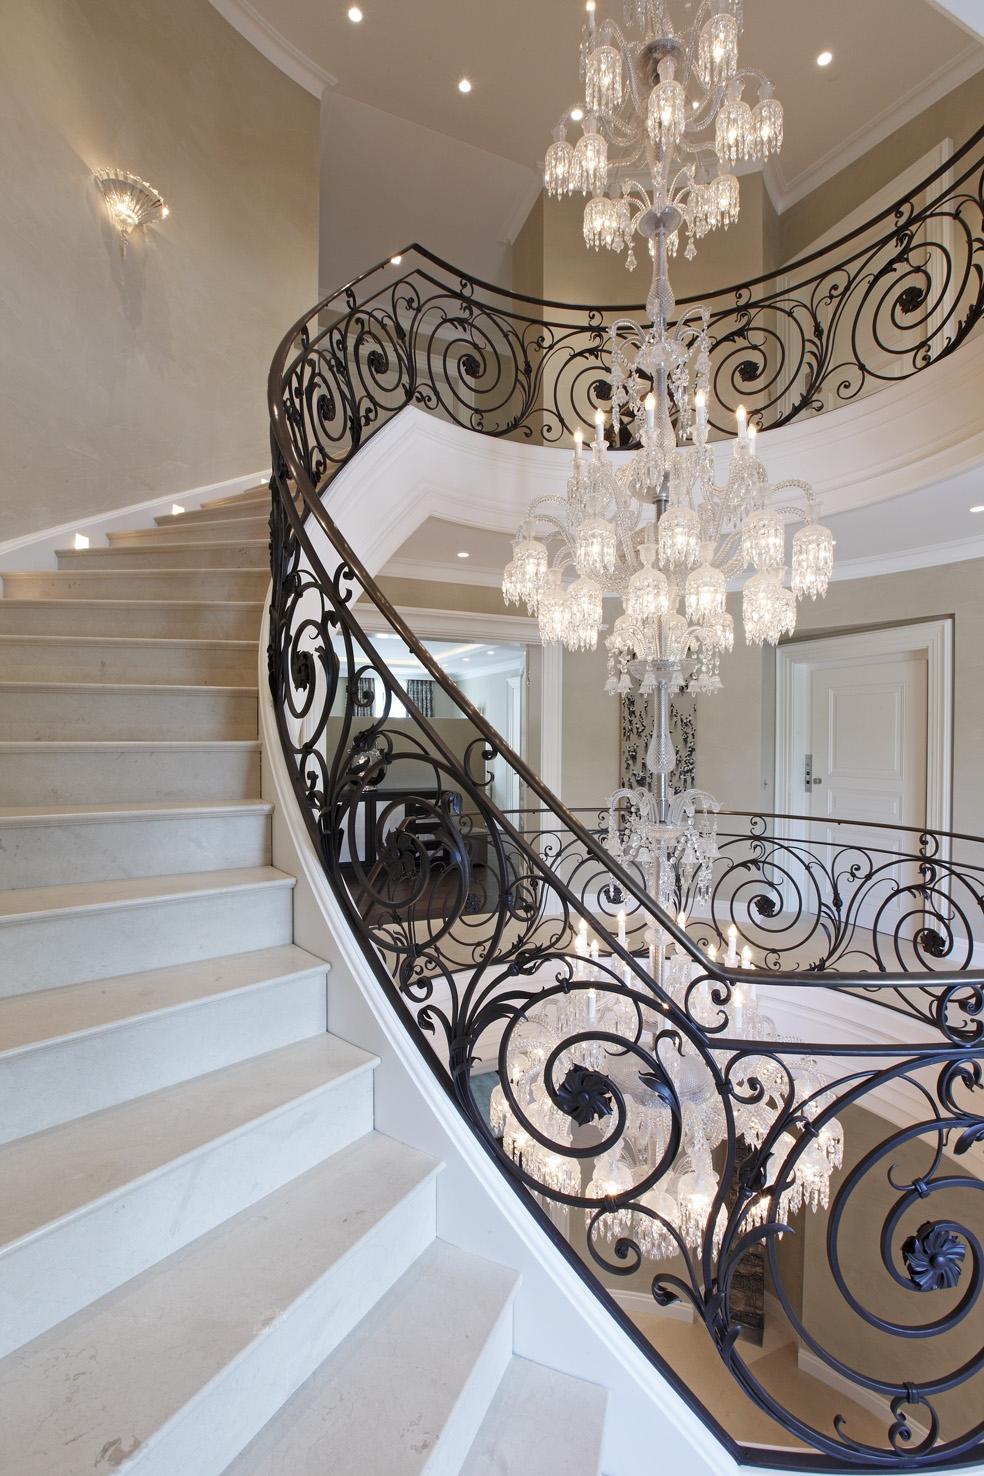 Baccarat Chandelier Villa Privestunning Wrought Iron Stair Inside Stairway  Chandelier